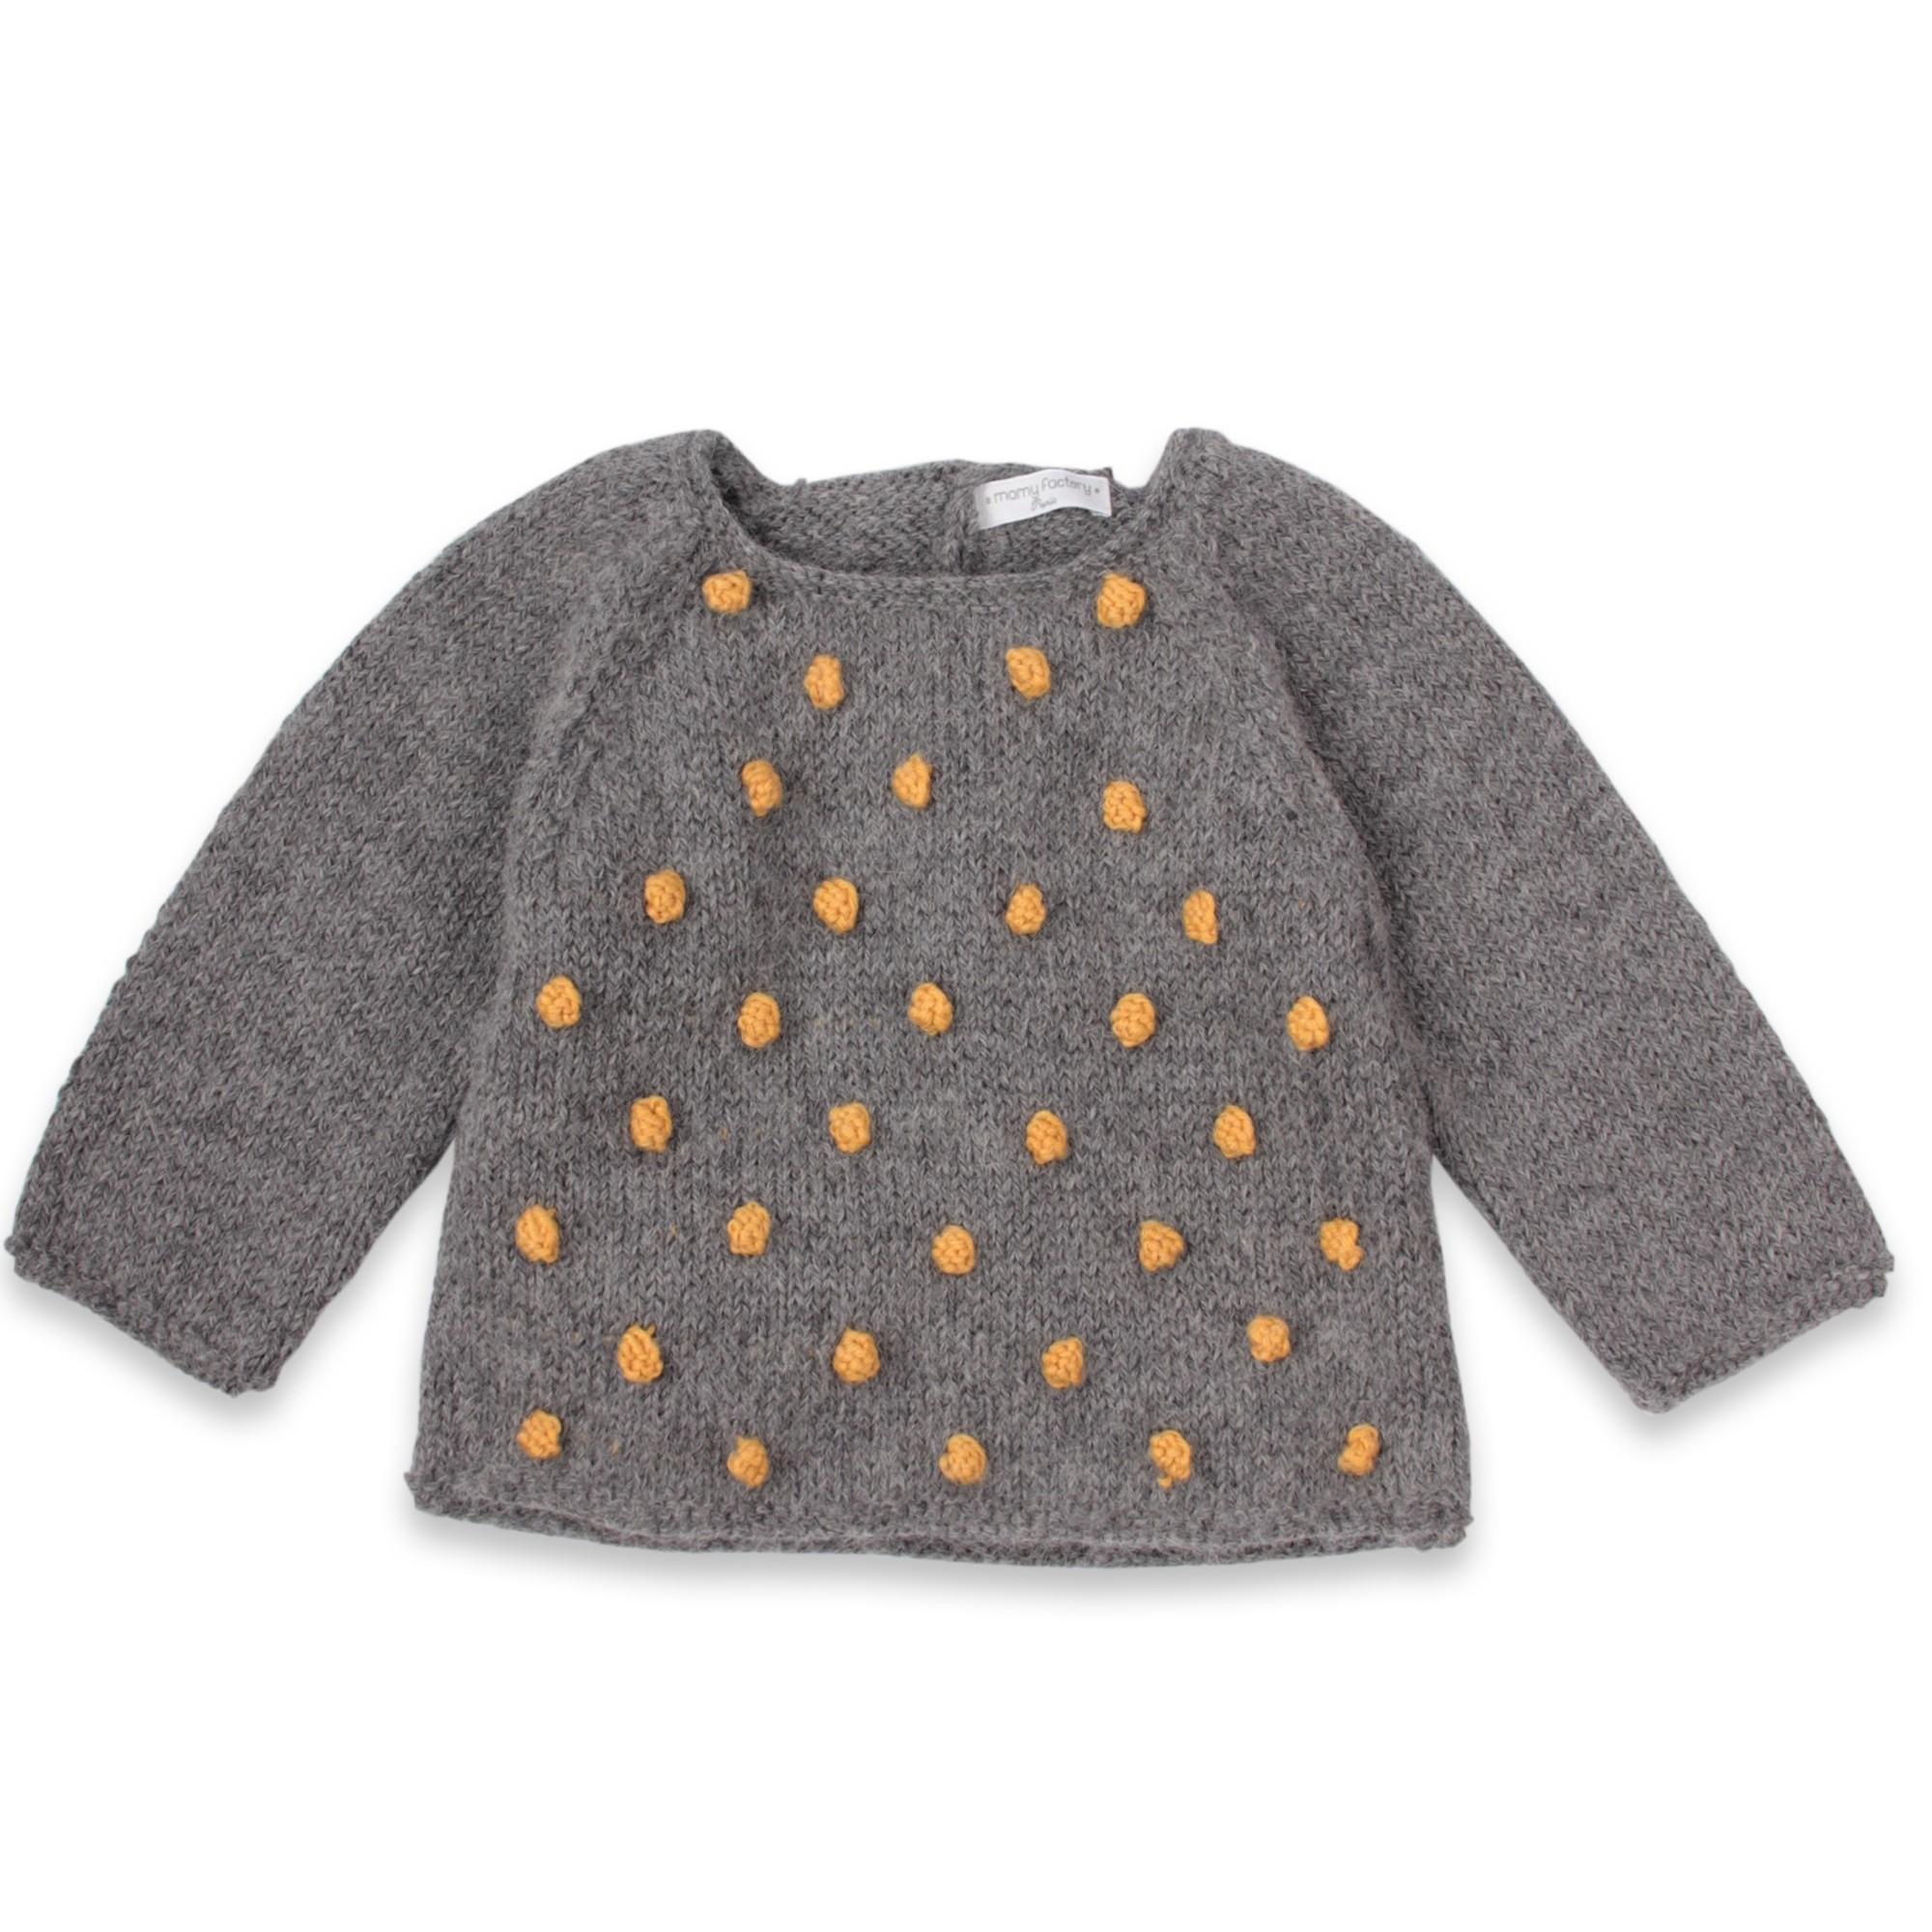 les tricots de mamy pull enfant gris fonc avec petites. Black Bedroom Furniture Sets. Home Design Ideas